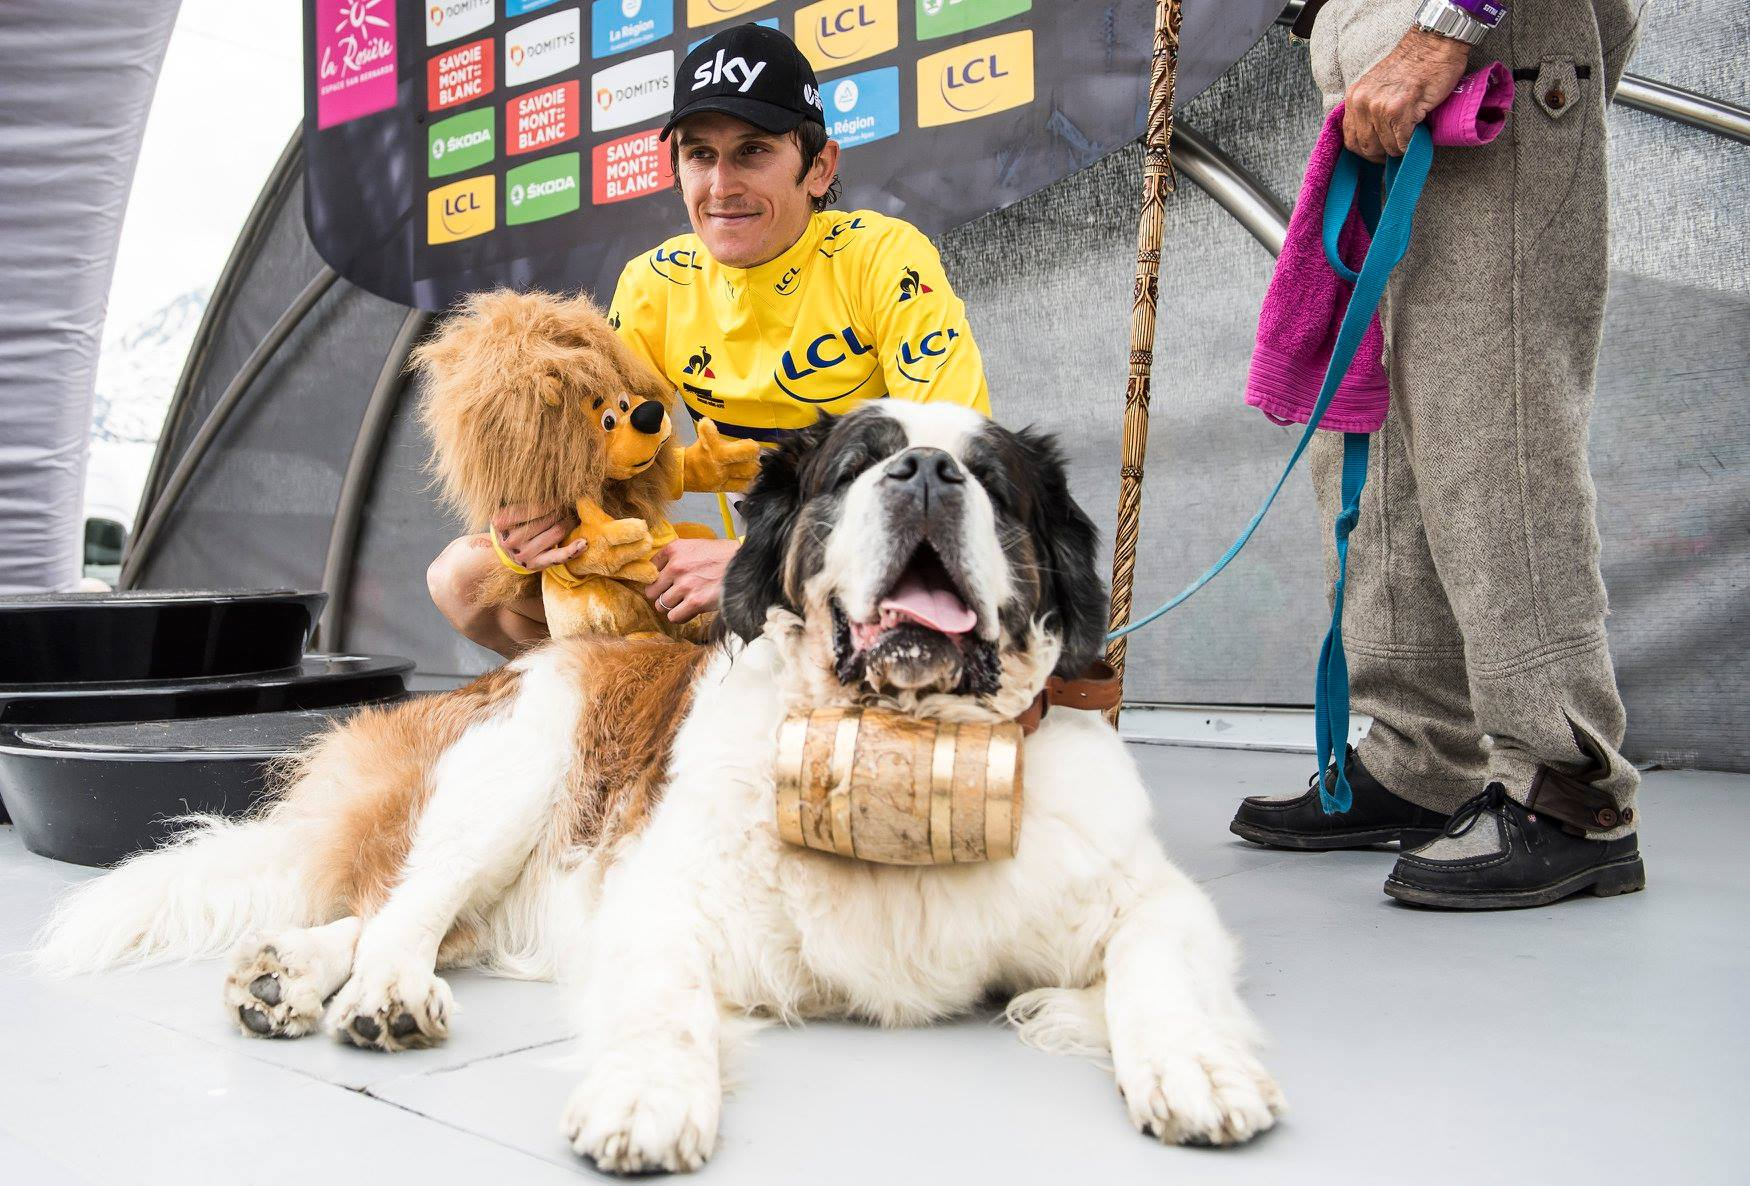 Geraint Thomas vincitore del Critérium du Dauphiné 2018